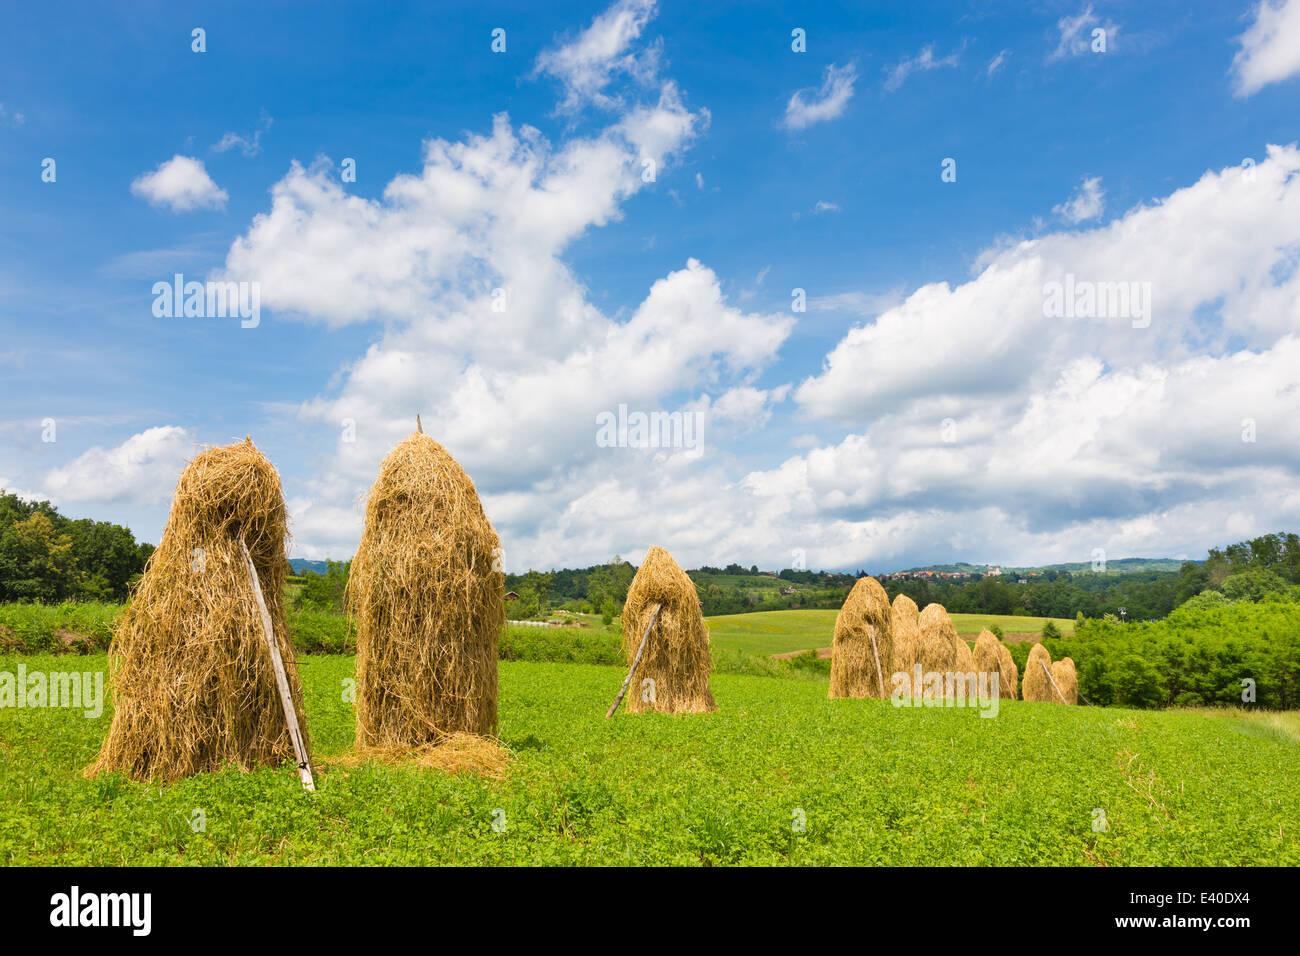 Pilas de heno tradicional en el campo. Imagen De Stock